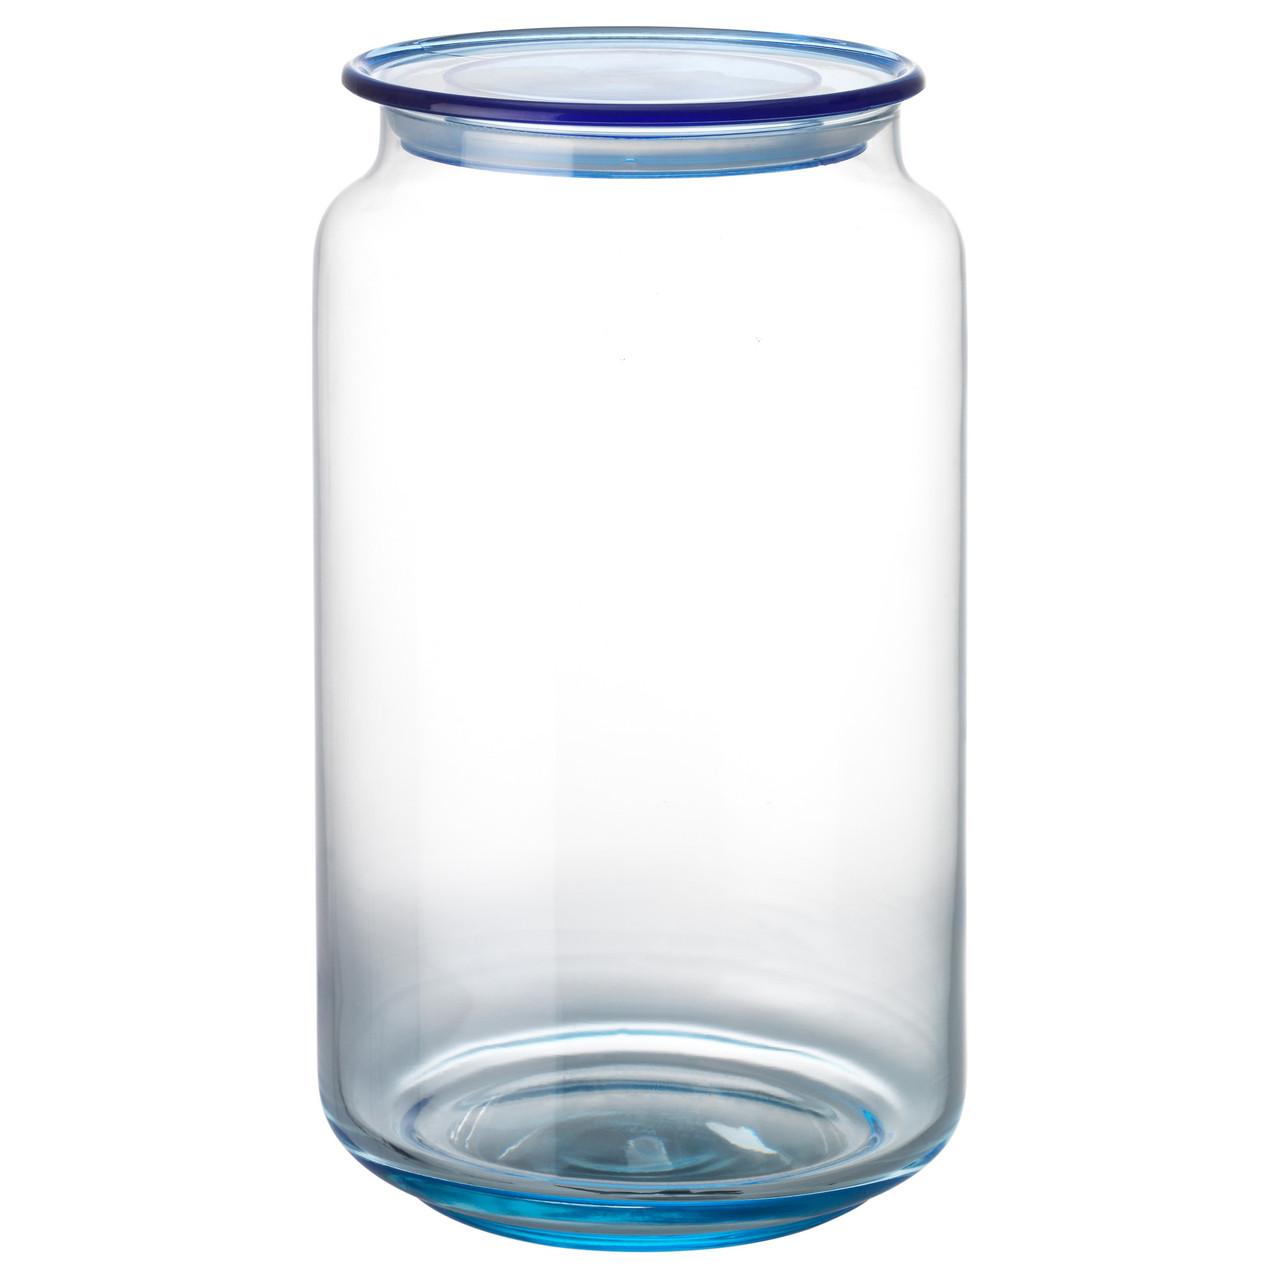 """ІКЕА """"ГЛАССФАНТАСТ"""", Банка со светло-голубого стекла обьёмом 1л с пластиковой крышкой"""